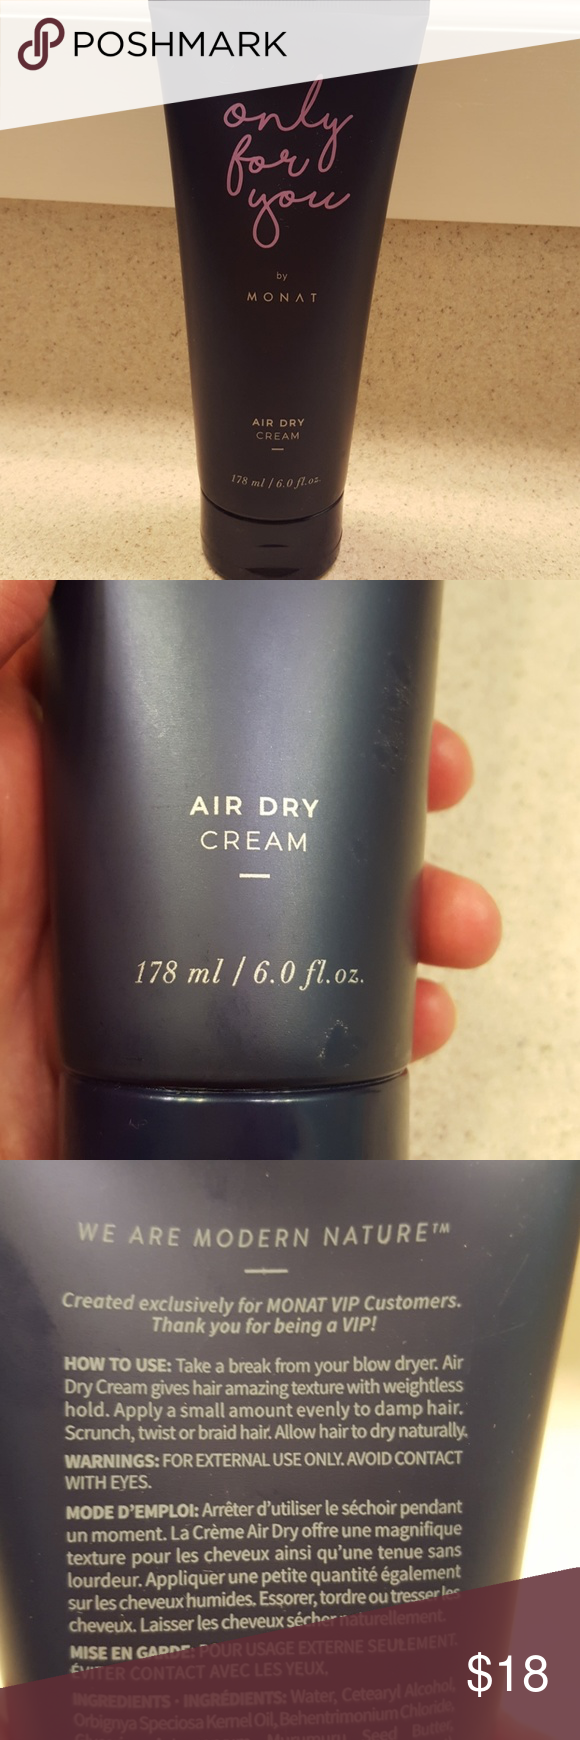 6.0 Fl. Oz. Monat Air Dry Cream NWT (With images) Air